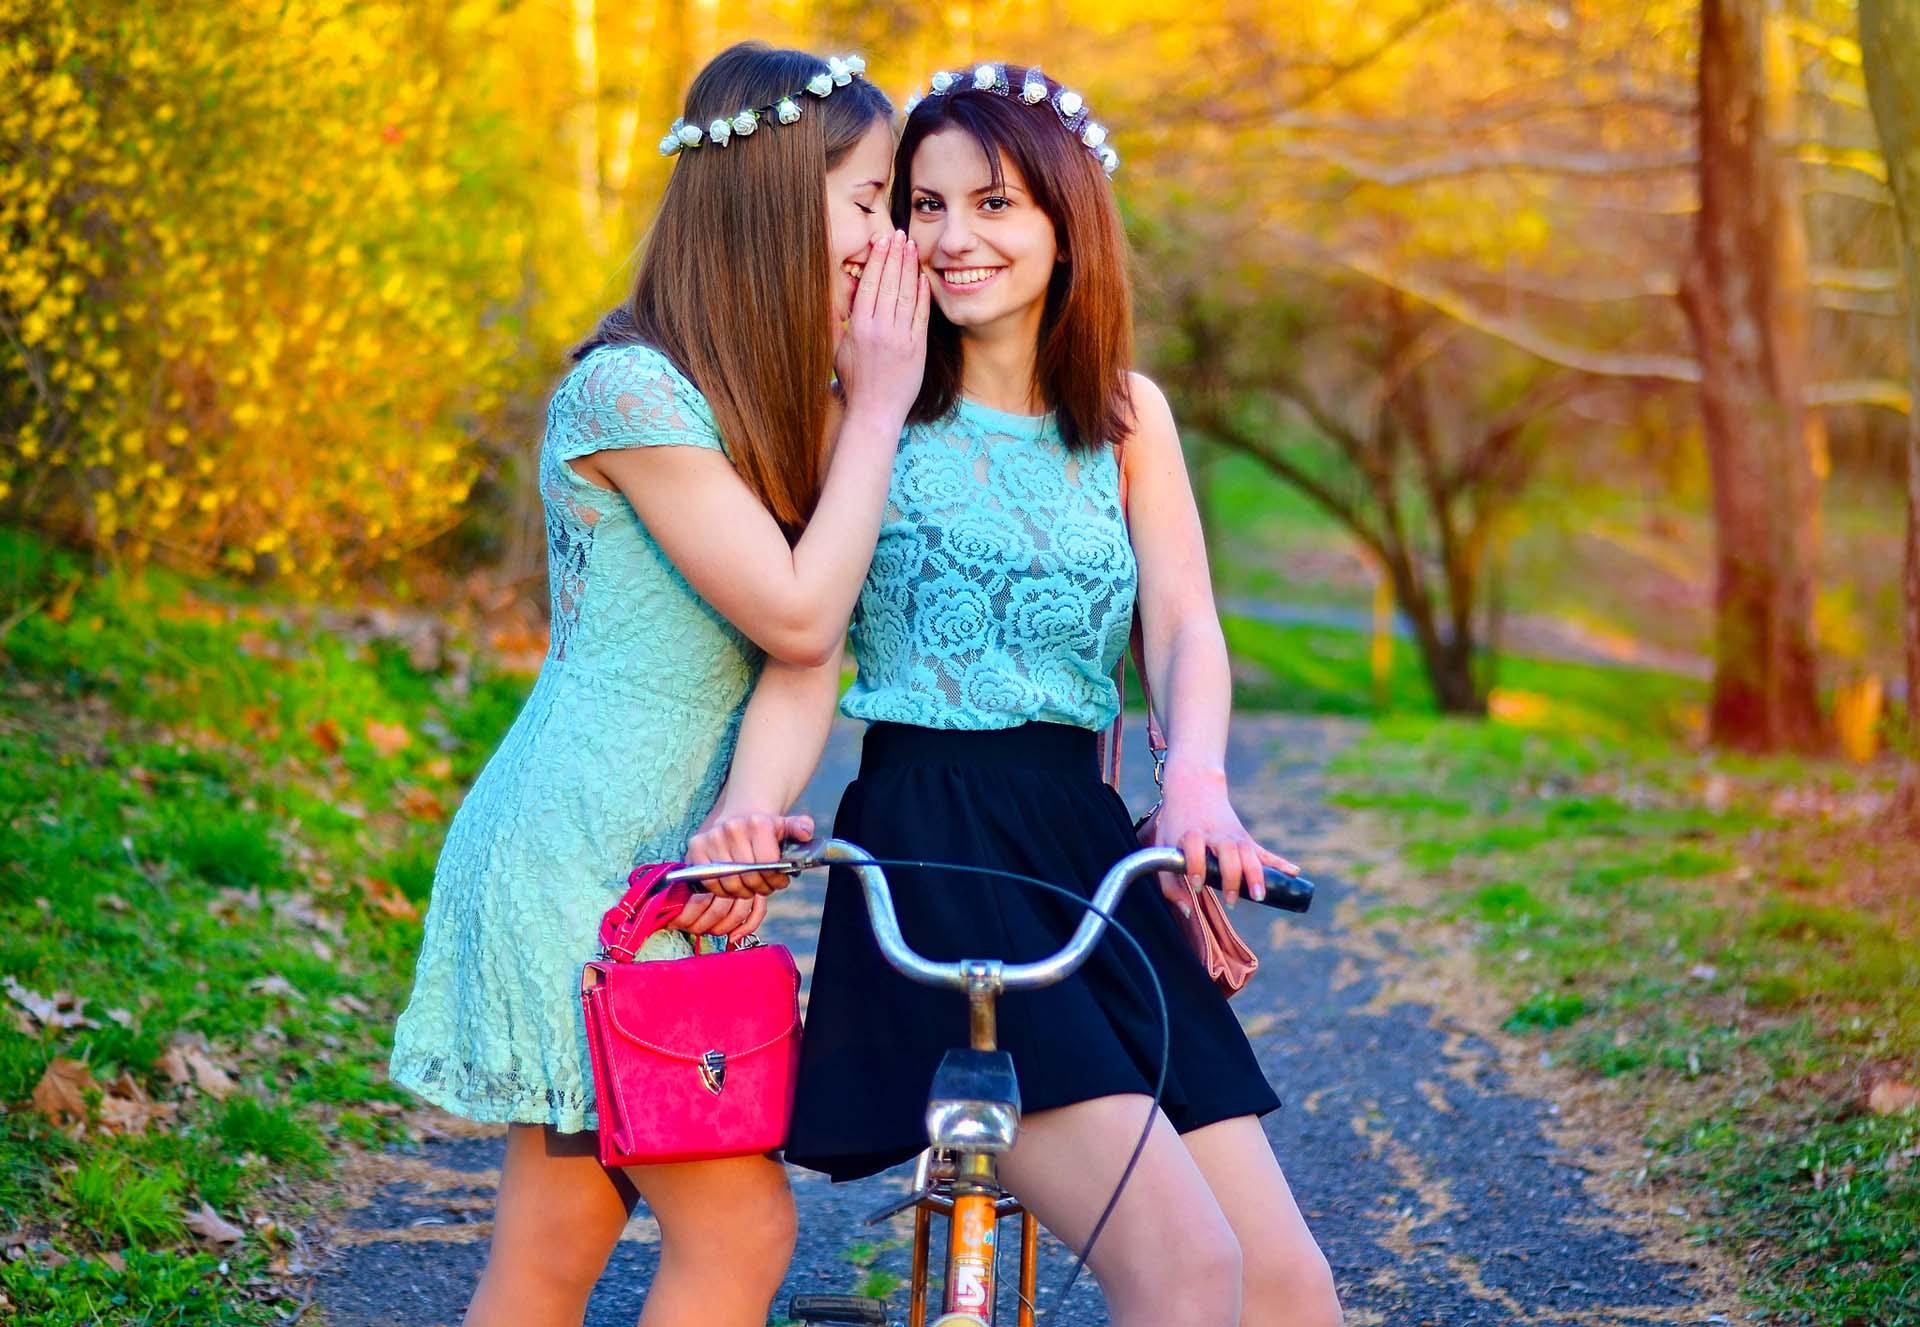 Lovely Sweet Girl Image Kenetiks Model Girl Full Hd Lovely Girl